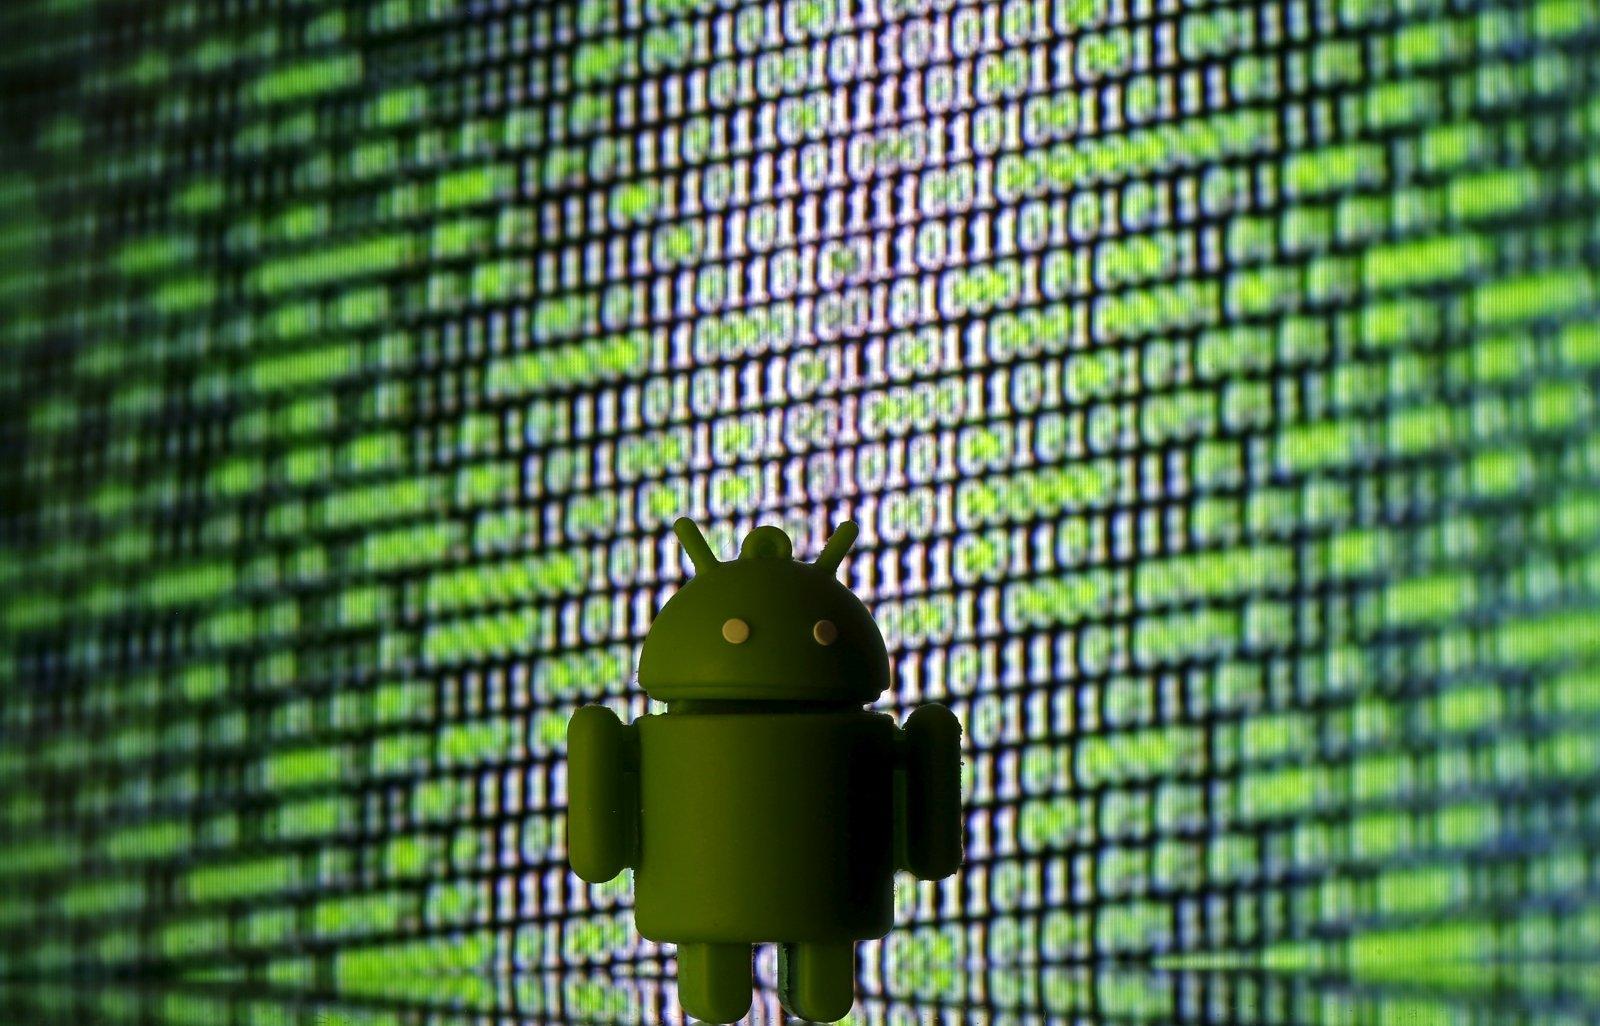 Вредоносный код для майнинга криптовалют атакует устройства на Android